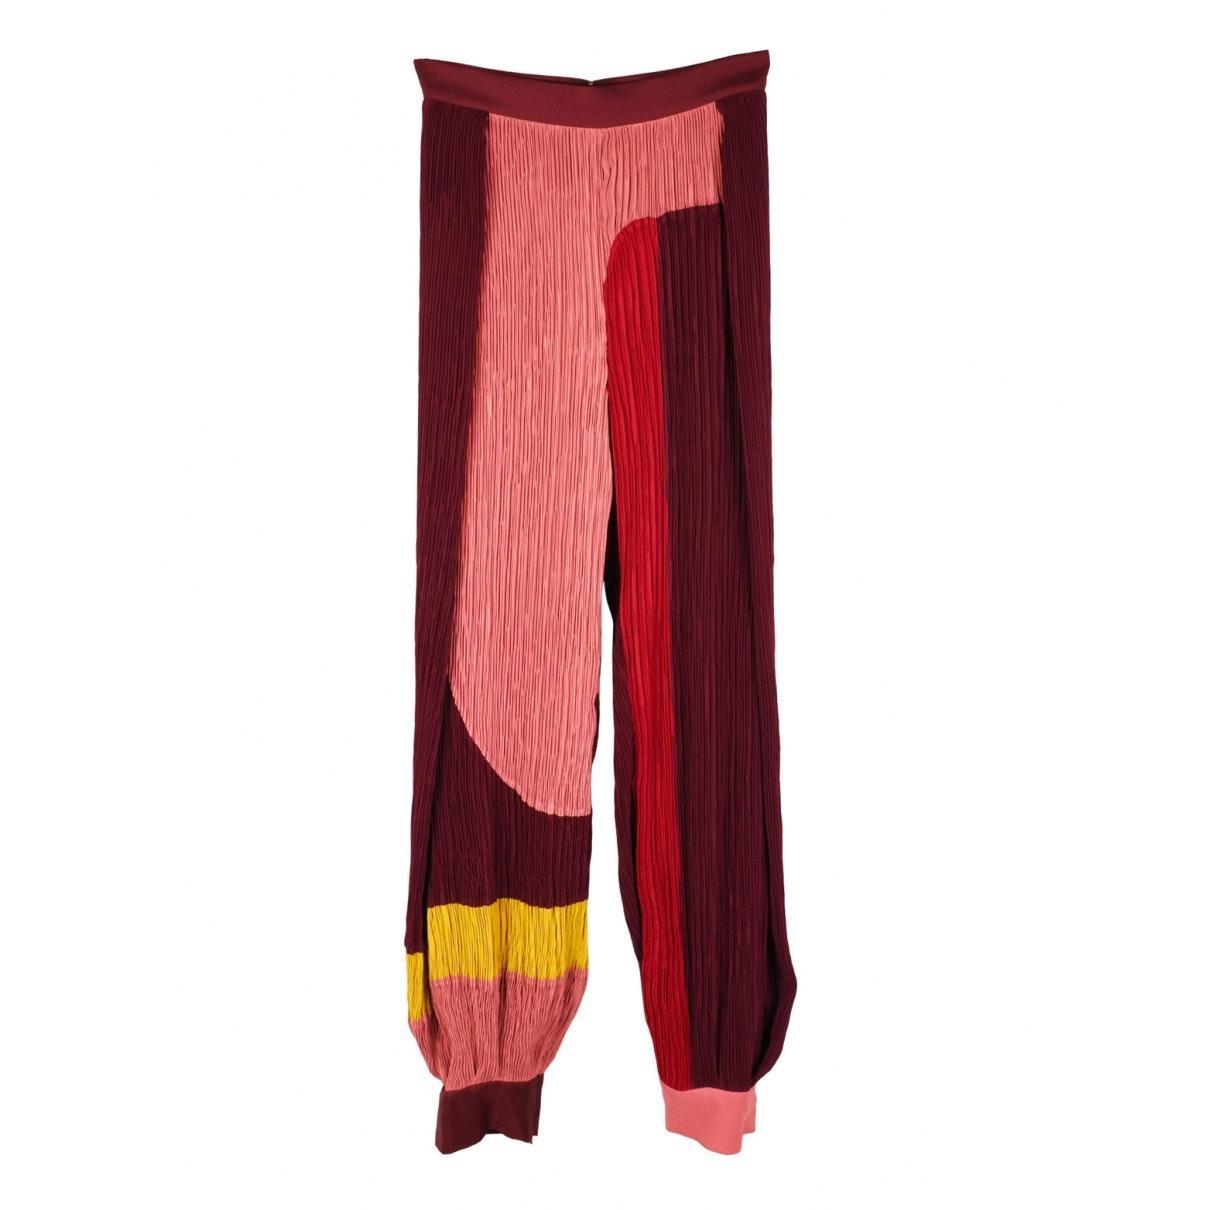 Pantalón en Poliéster Burdeos ROKSANDA de Tejido sintético de color Rojo: ahorra un 5 %